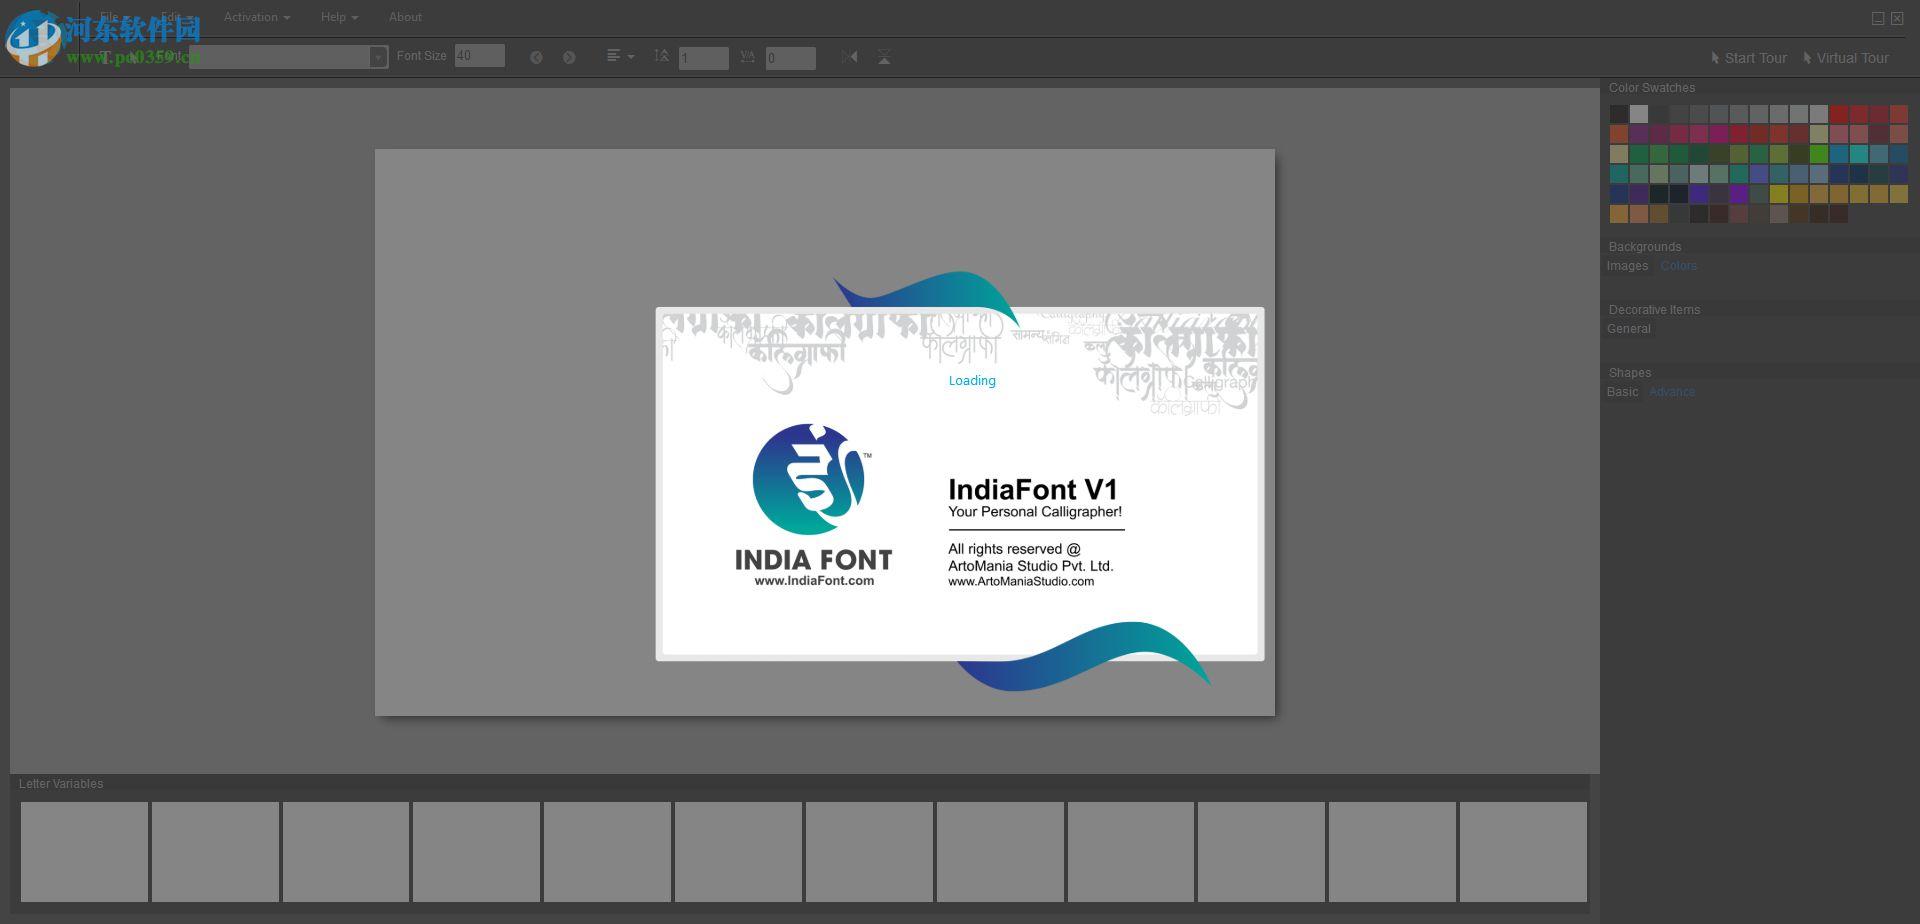 印度语字体书法茶叶国内外软件包装设计风格图片